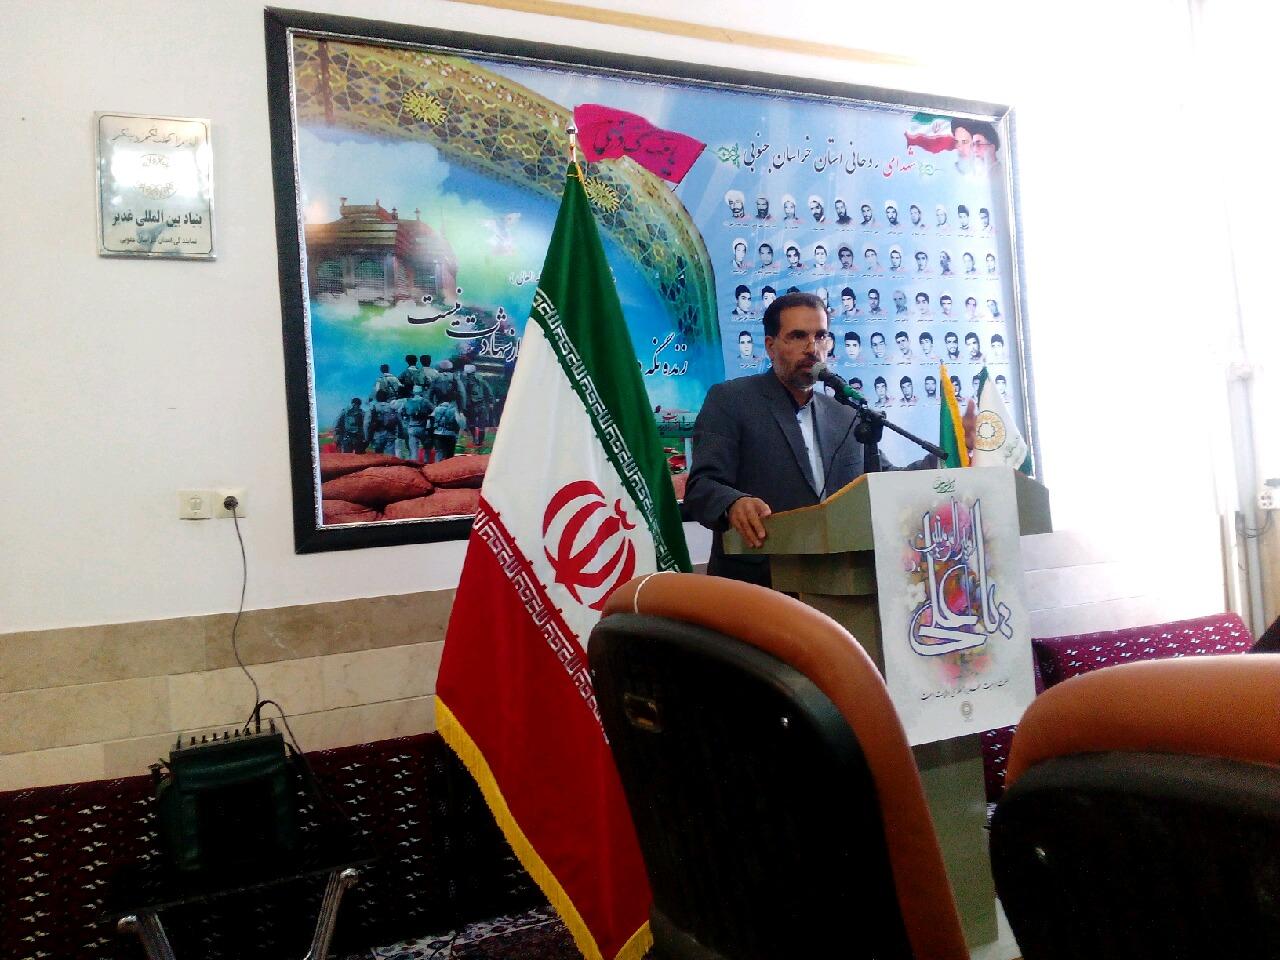 برگزاری همایش روز مباهله چهارم شهریور در بیرجند